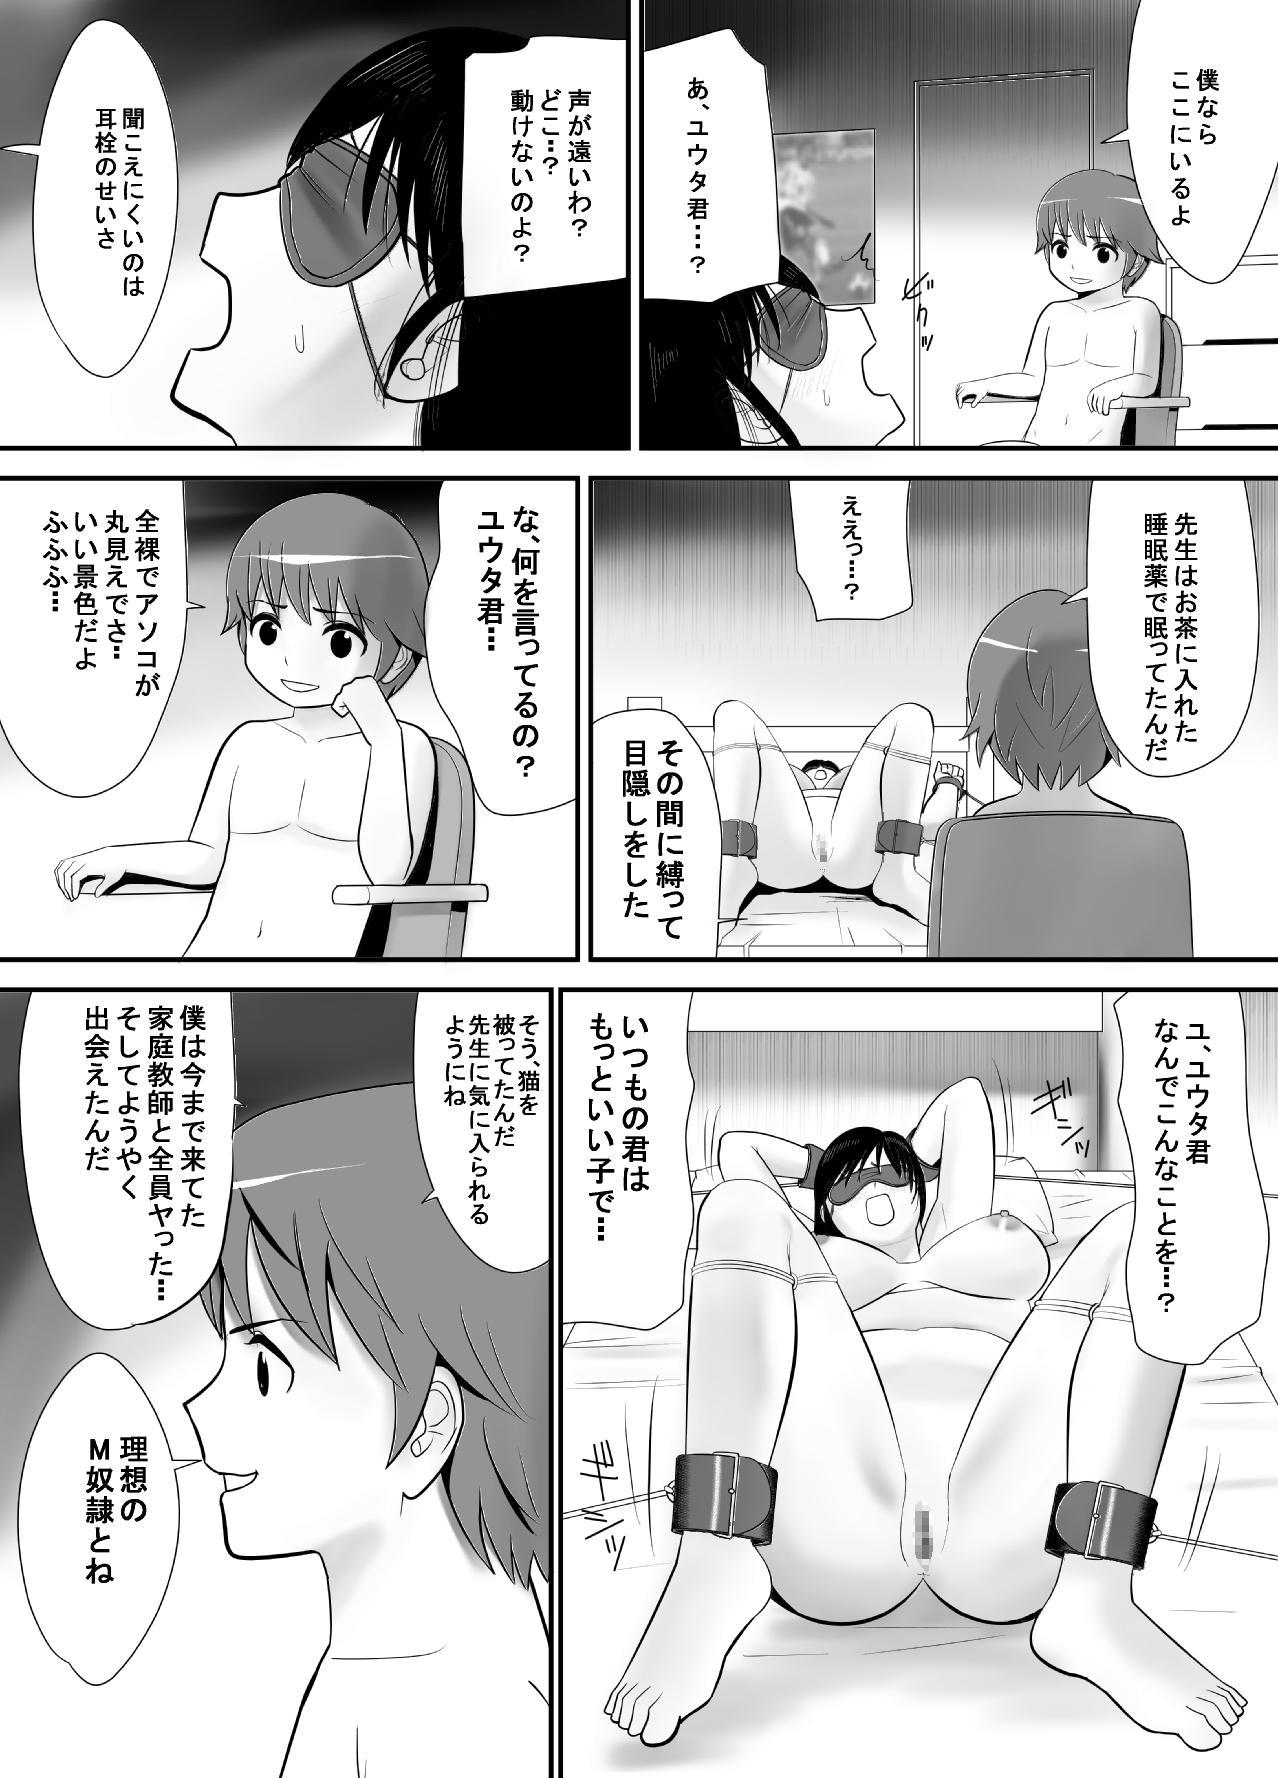 Keiken wa Nai kedo Chishiki dake Houfu na Mousou Fujoshi ga Gachi Kairaku ni Ochiru made 34